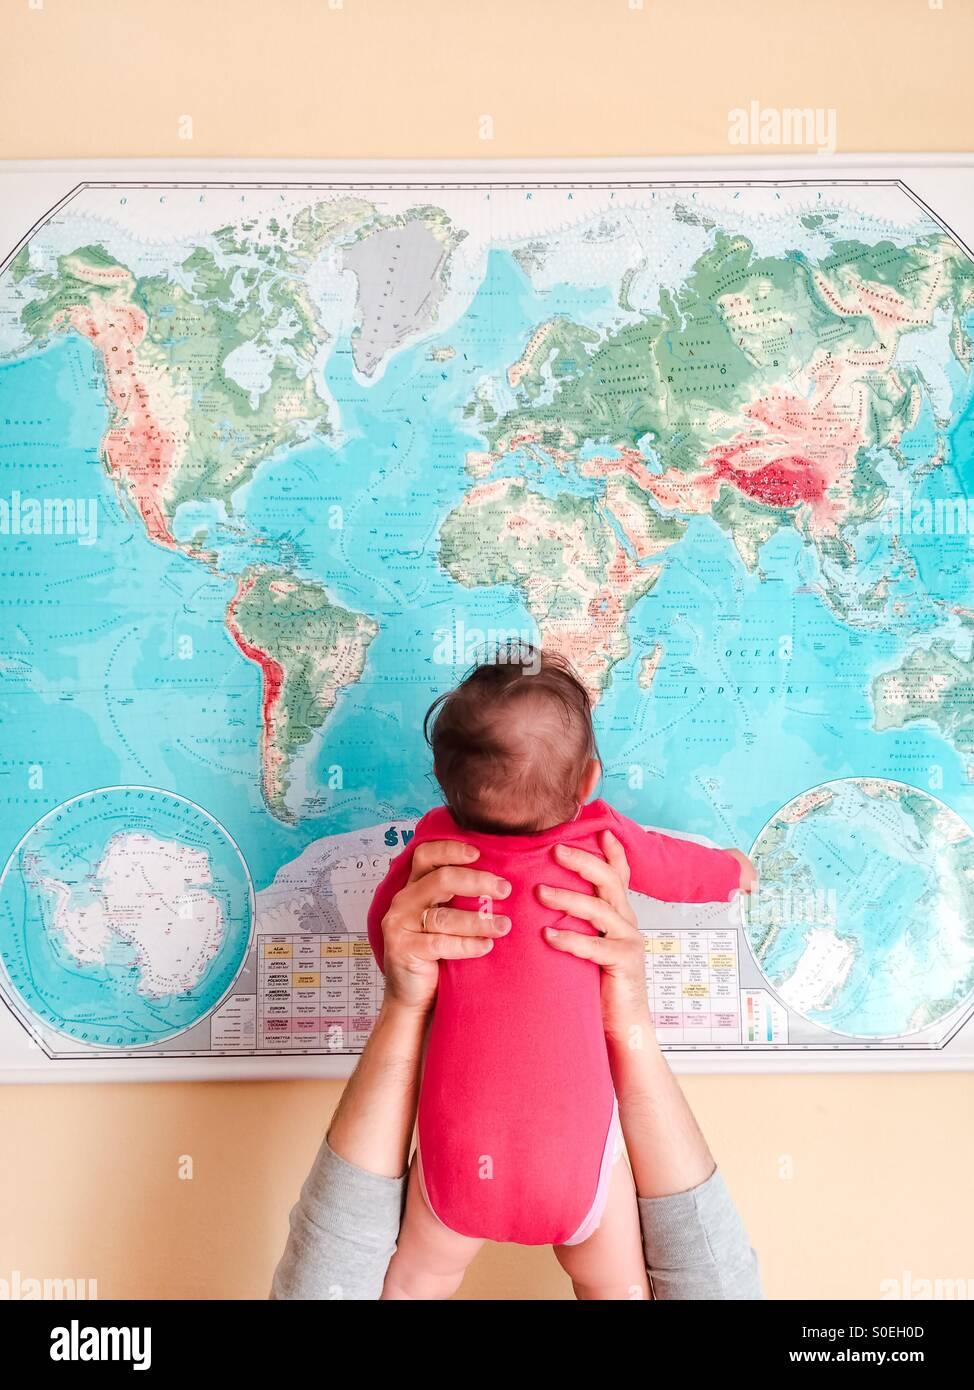 Hallo Welt! Vater mit seinem Babymädchen gegenüber Karte der Welt Stockbild